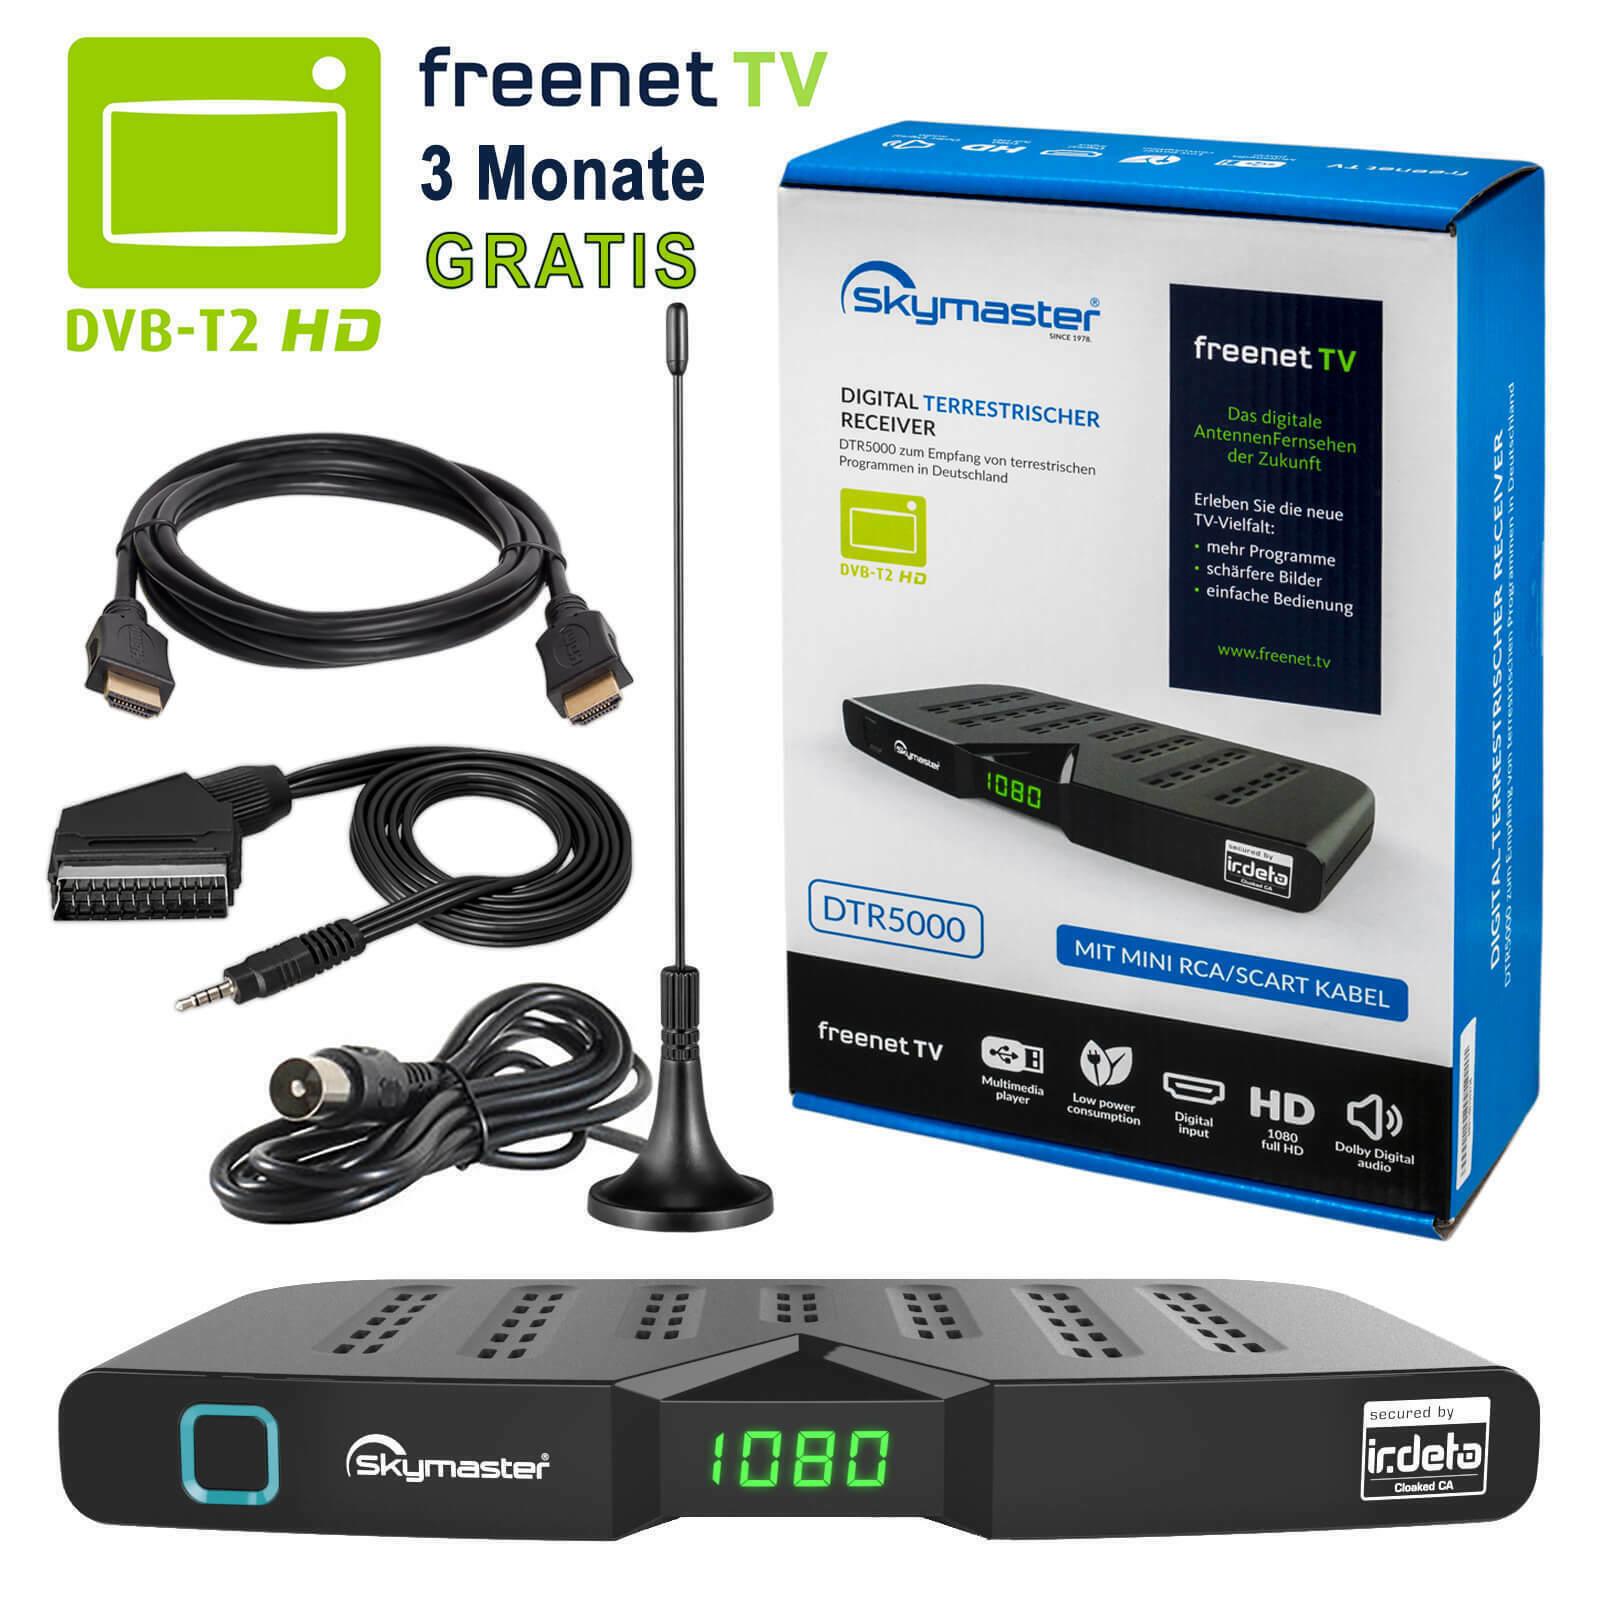 Freenet DVB-T2 FULL HDTV Terrestrisch Receiver Skymaster DTR5000 HEVC HDMI 3dB